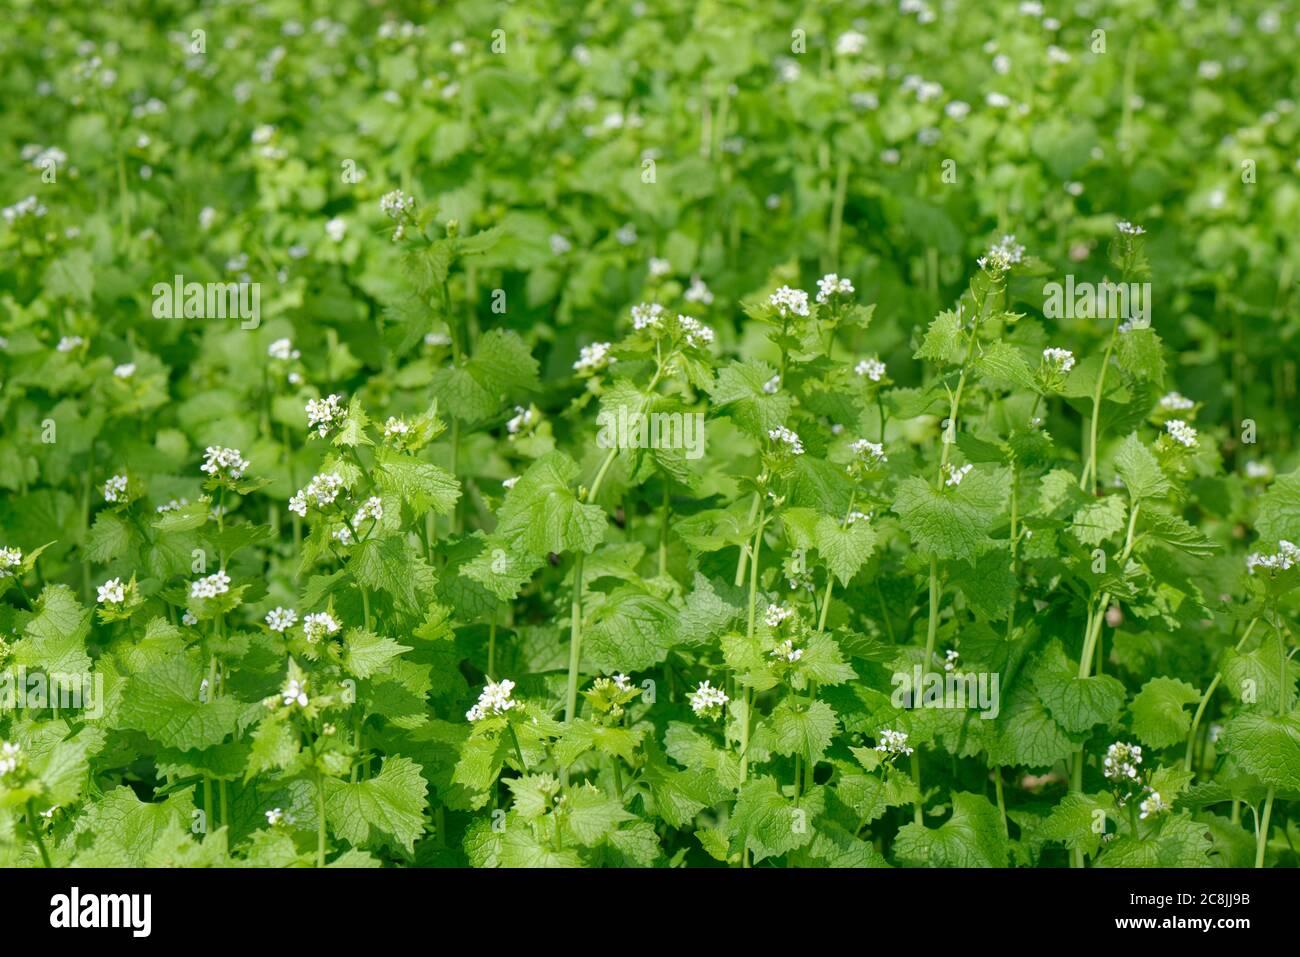 Mostaza de ajo / Ajo de borde / Jack por la cobertura (Alliaria petiolata) densa floración de grupa en el subpiso de los márgenes de bosque, Wiltshire, Reino Unido, abril. Foto de stock